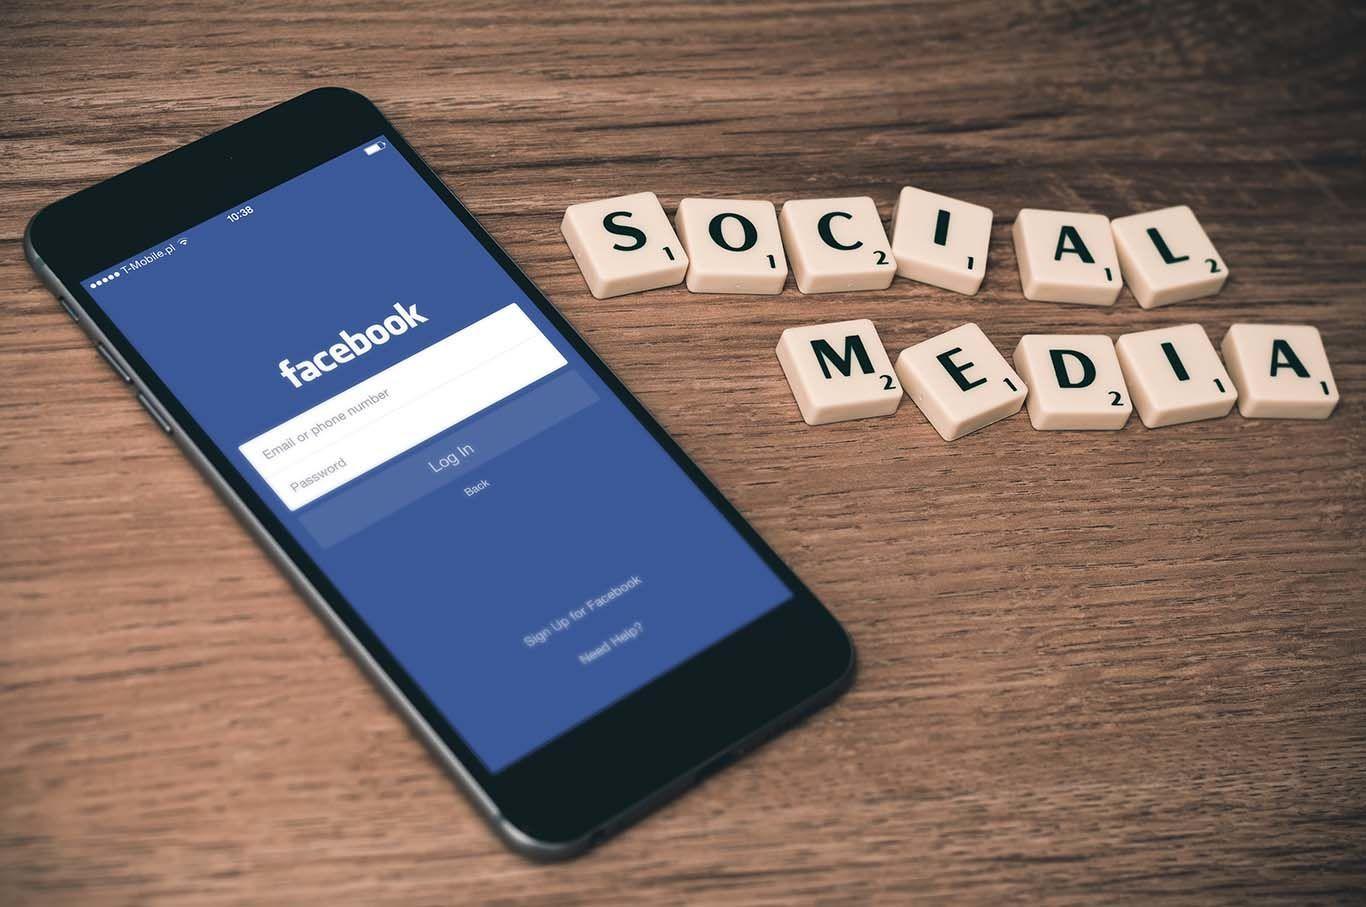 Ini Alasan Kadang Pernah Iri dengan Unggahan Teman di Media Sosial